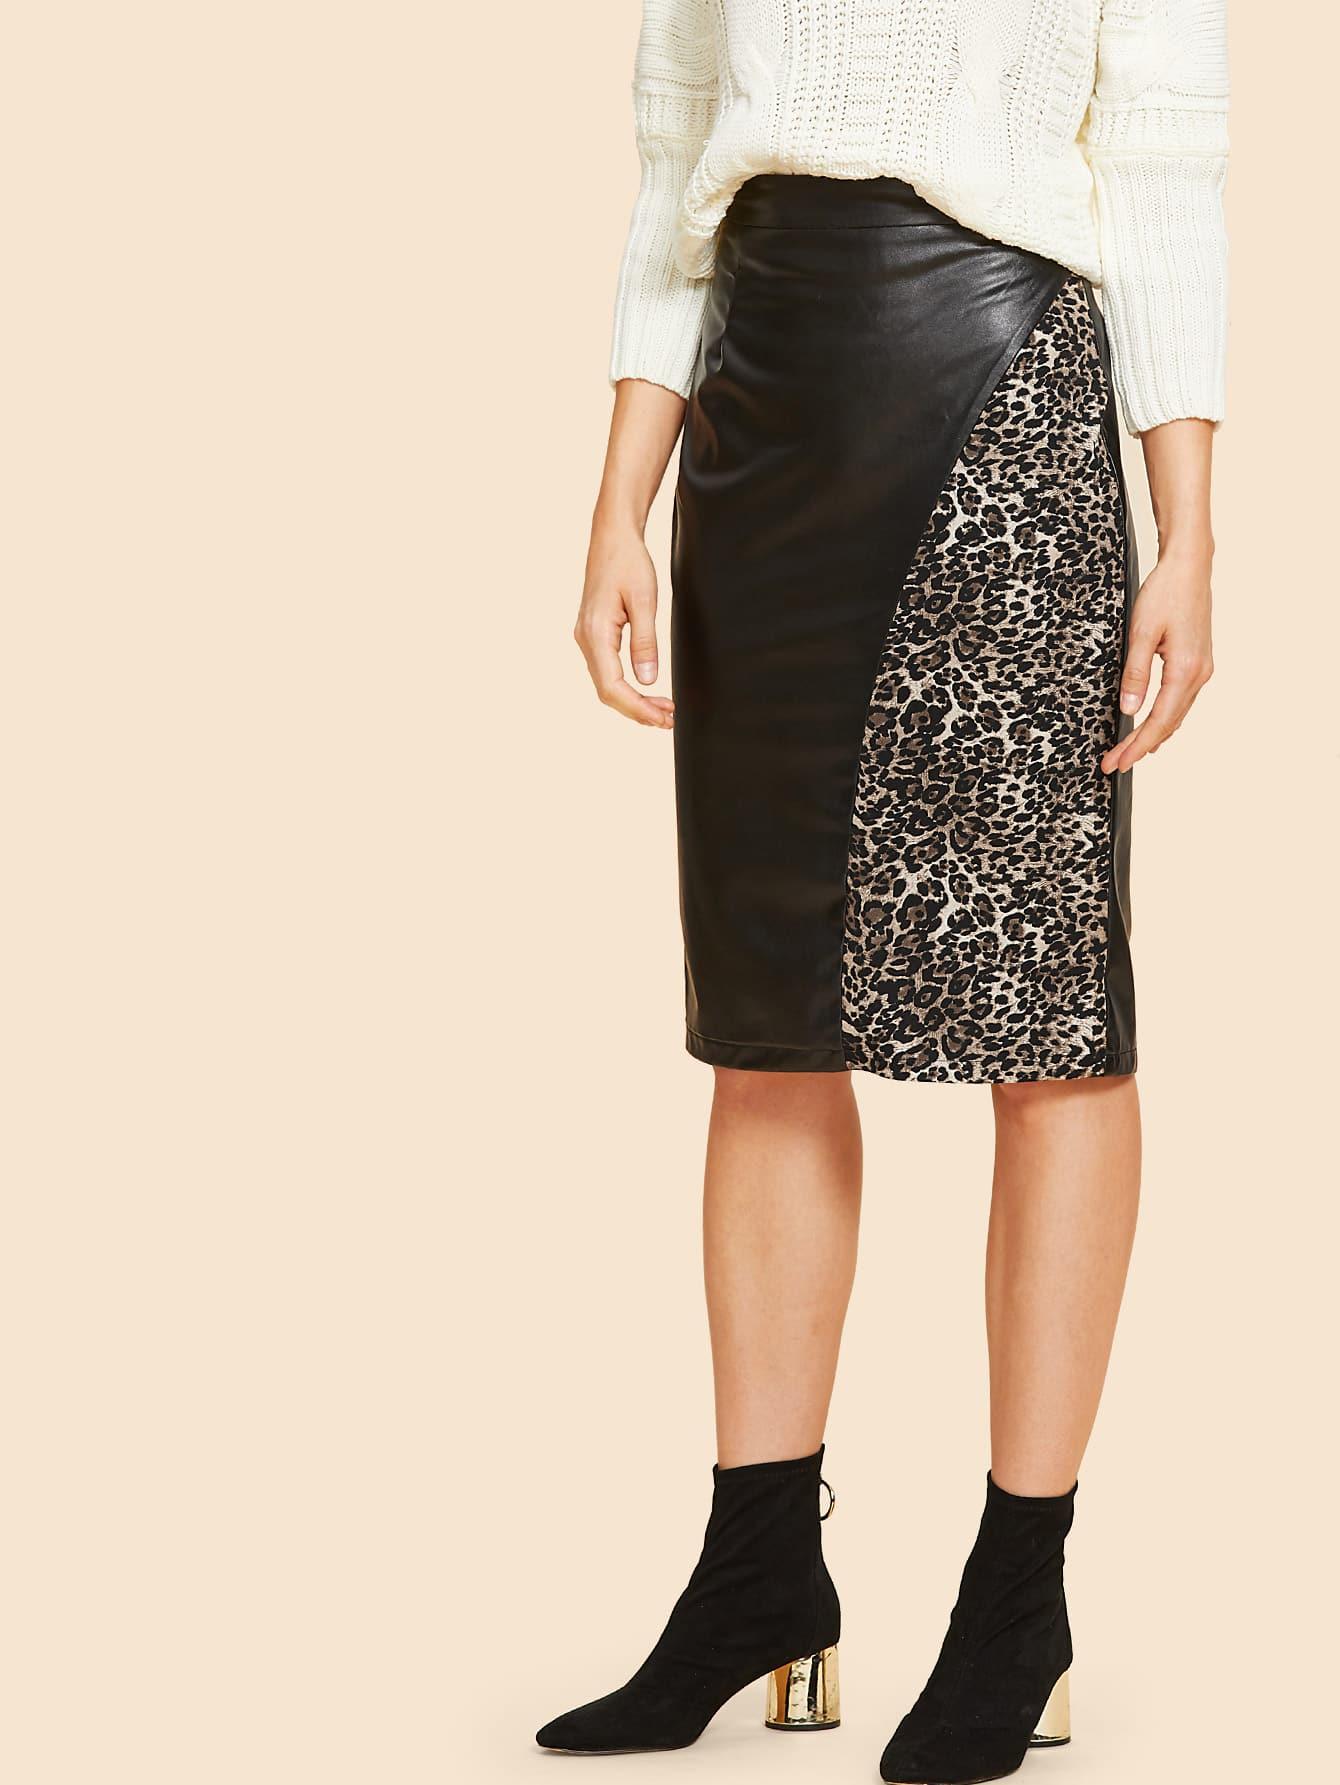 Купить Контрастная кожаная юбка с леопардовым принтом, Masha, SheIn